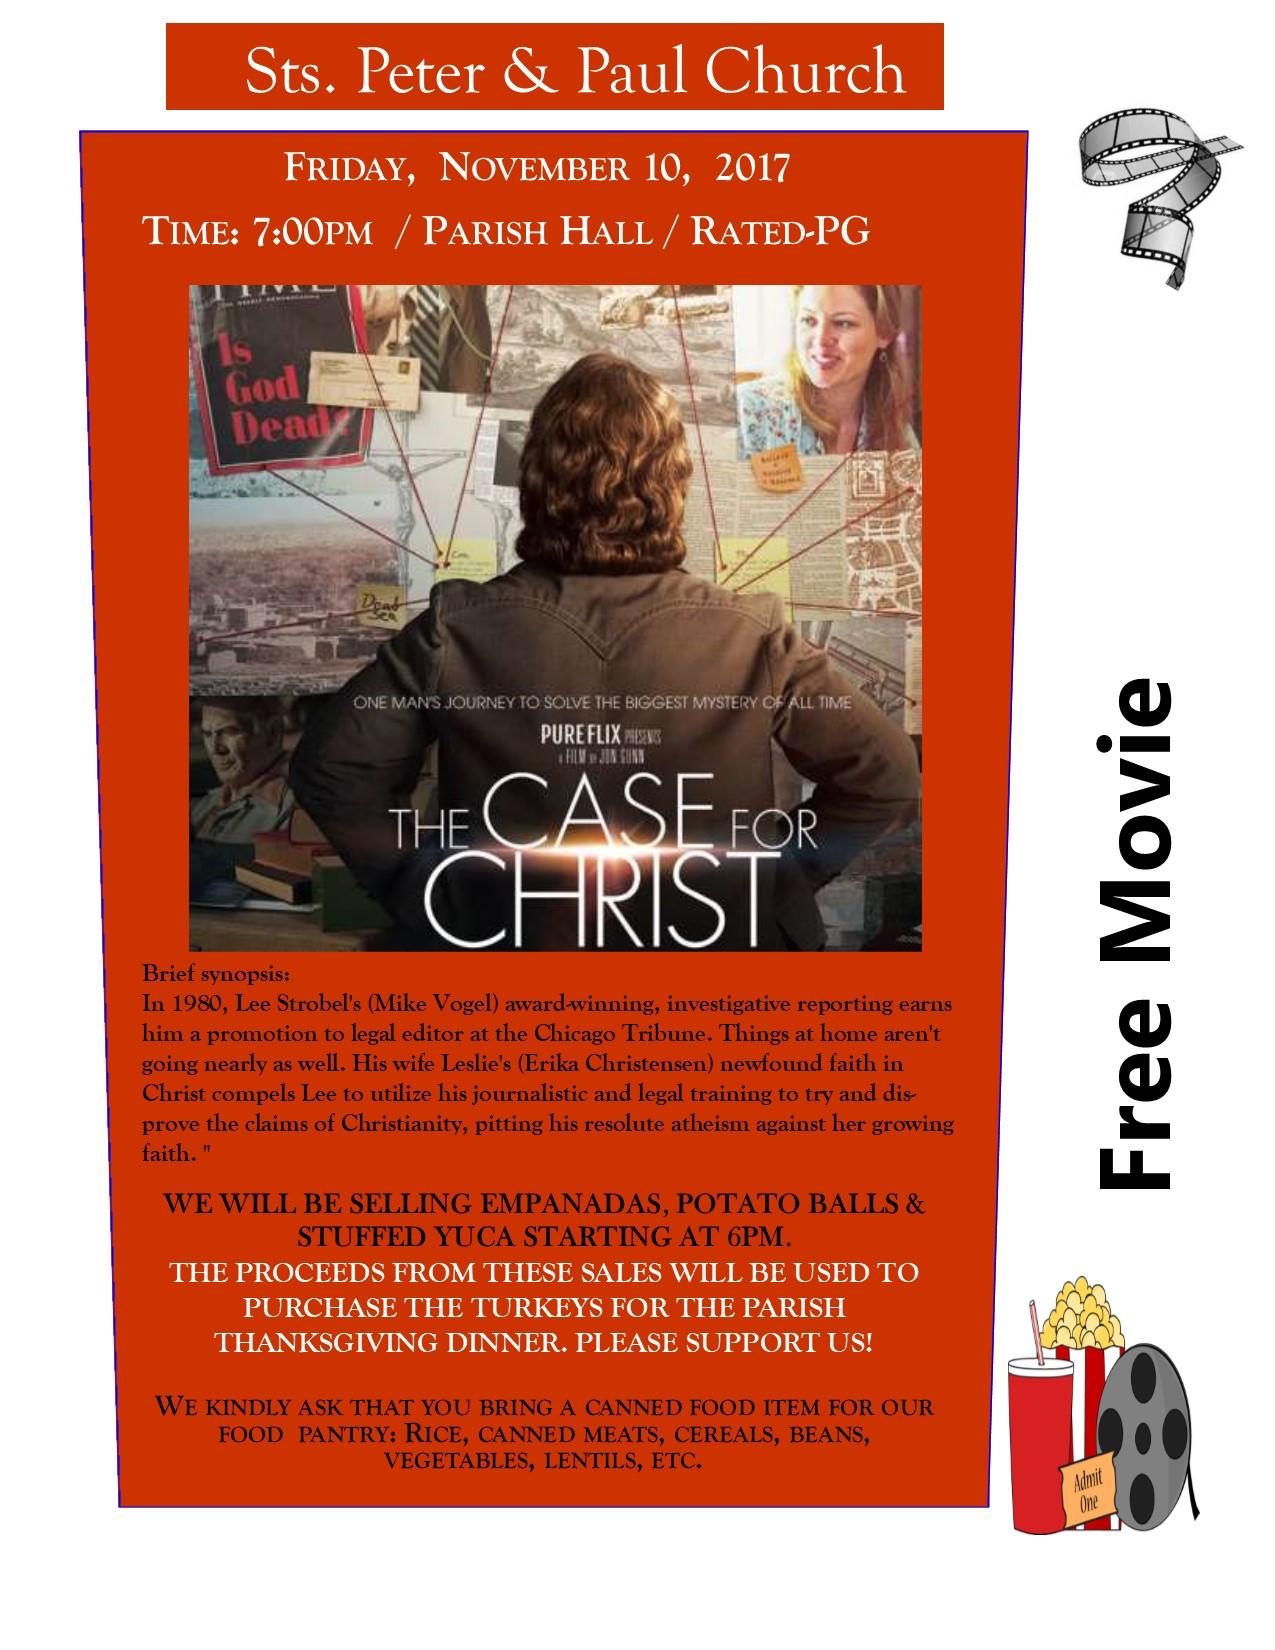 The Case for Christ F (002).jpg